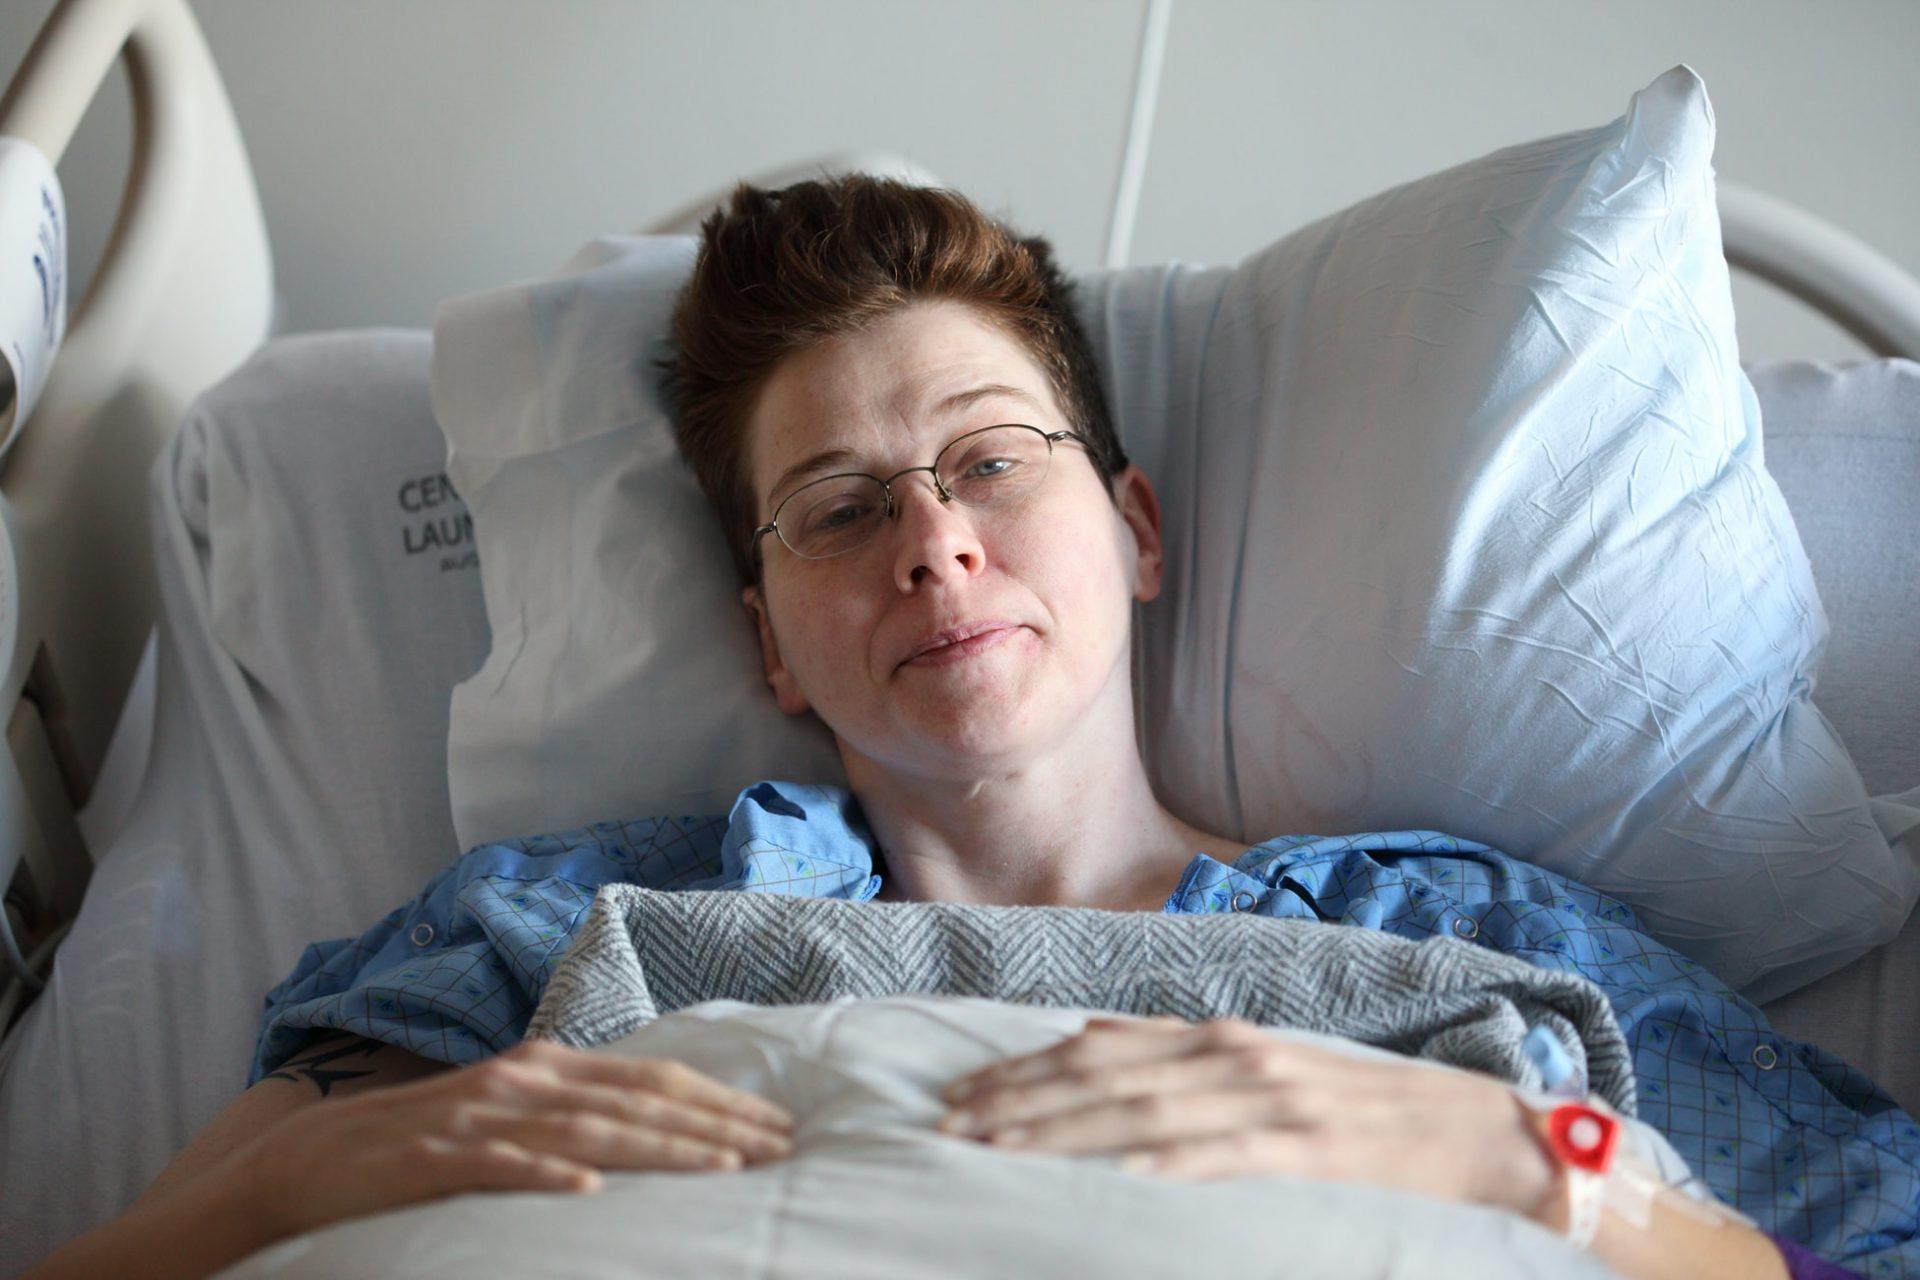 Leukemija uzroci, simptomi i liječenje